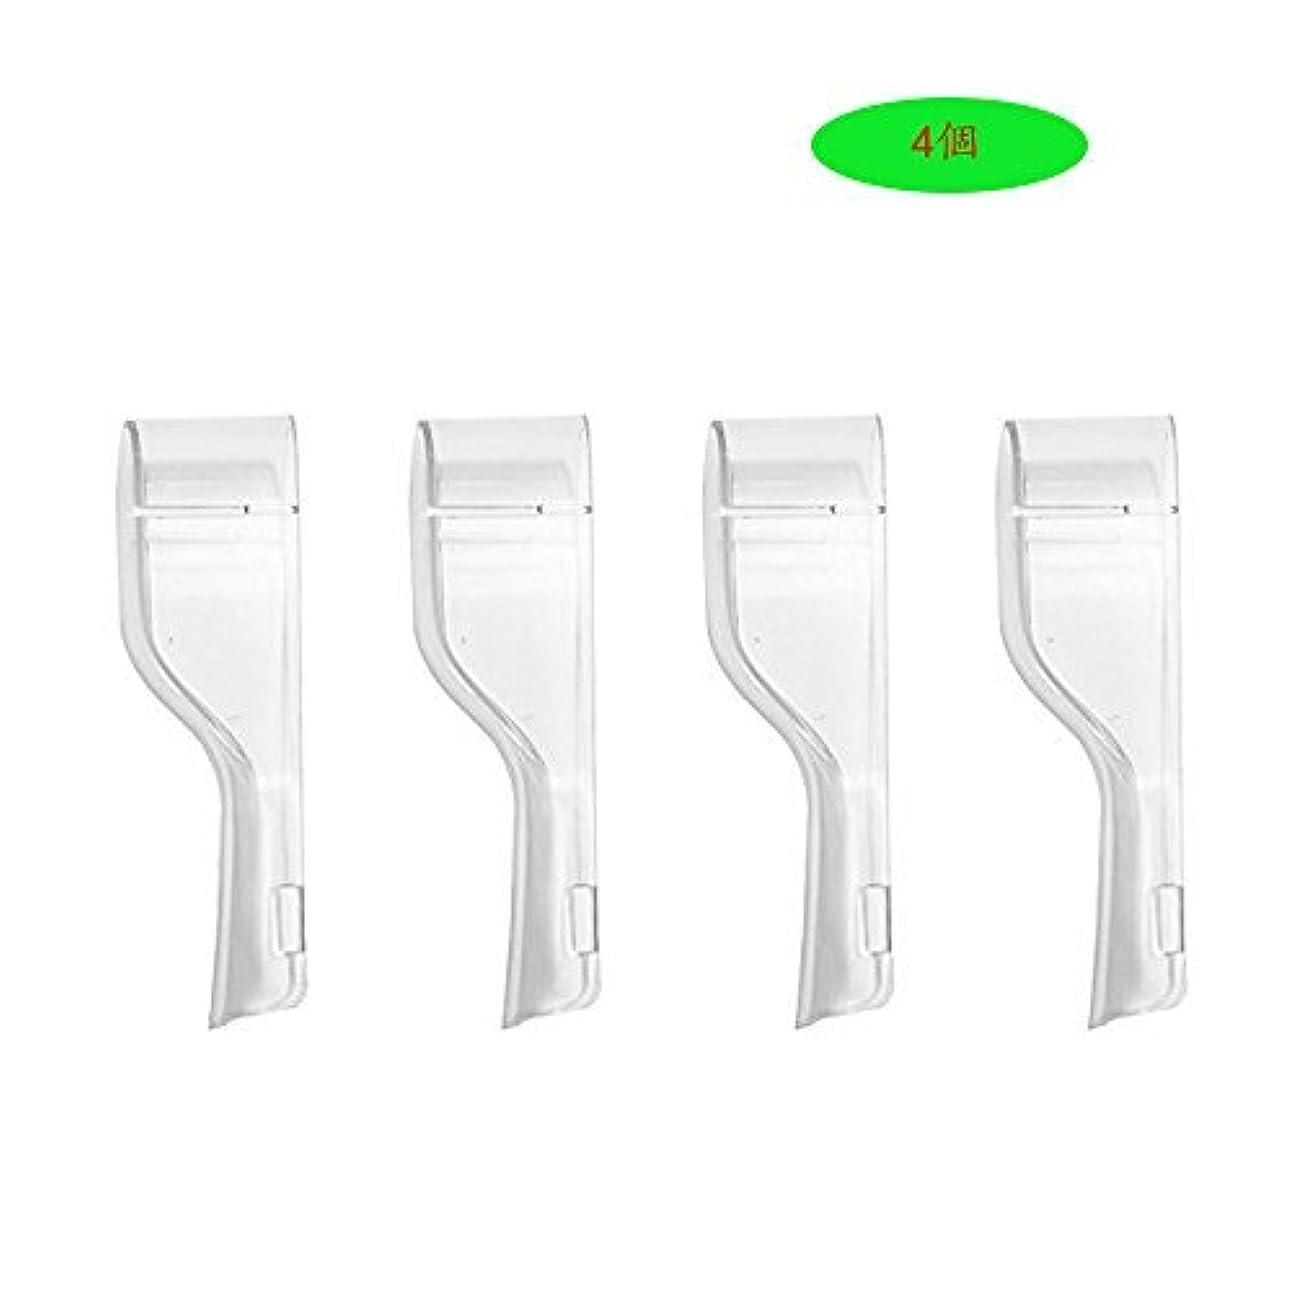 トーン鉄テレビを見るFor SR18 / SR32 / EB30 ブラウン オーラルB 電動歯ブラシ用 替えブラシ互換 スイングブラシ 硬い歯ブラシのヘッドキャップ保護カバー by Kadior